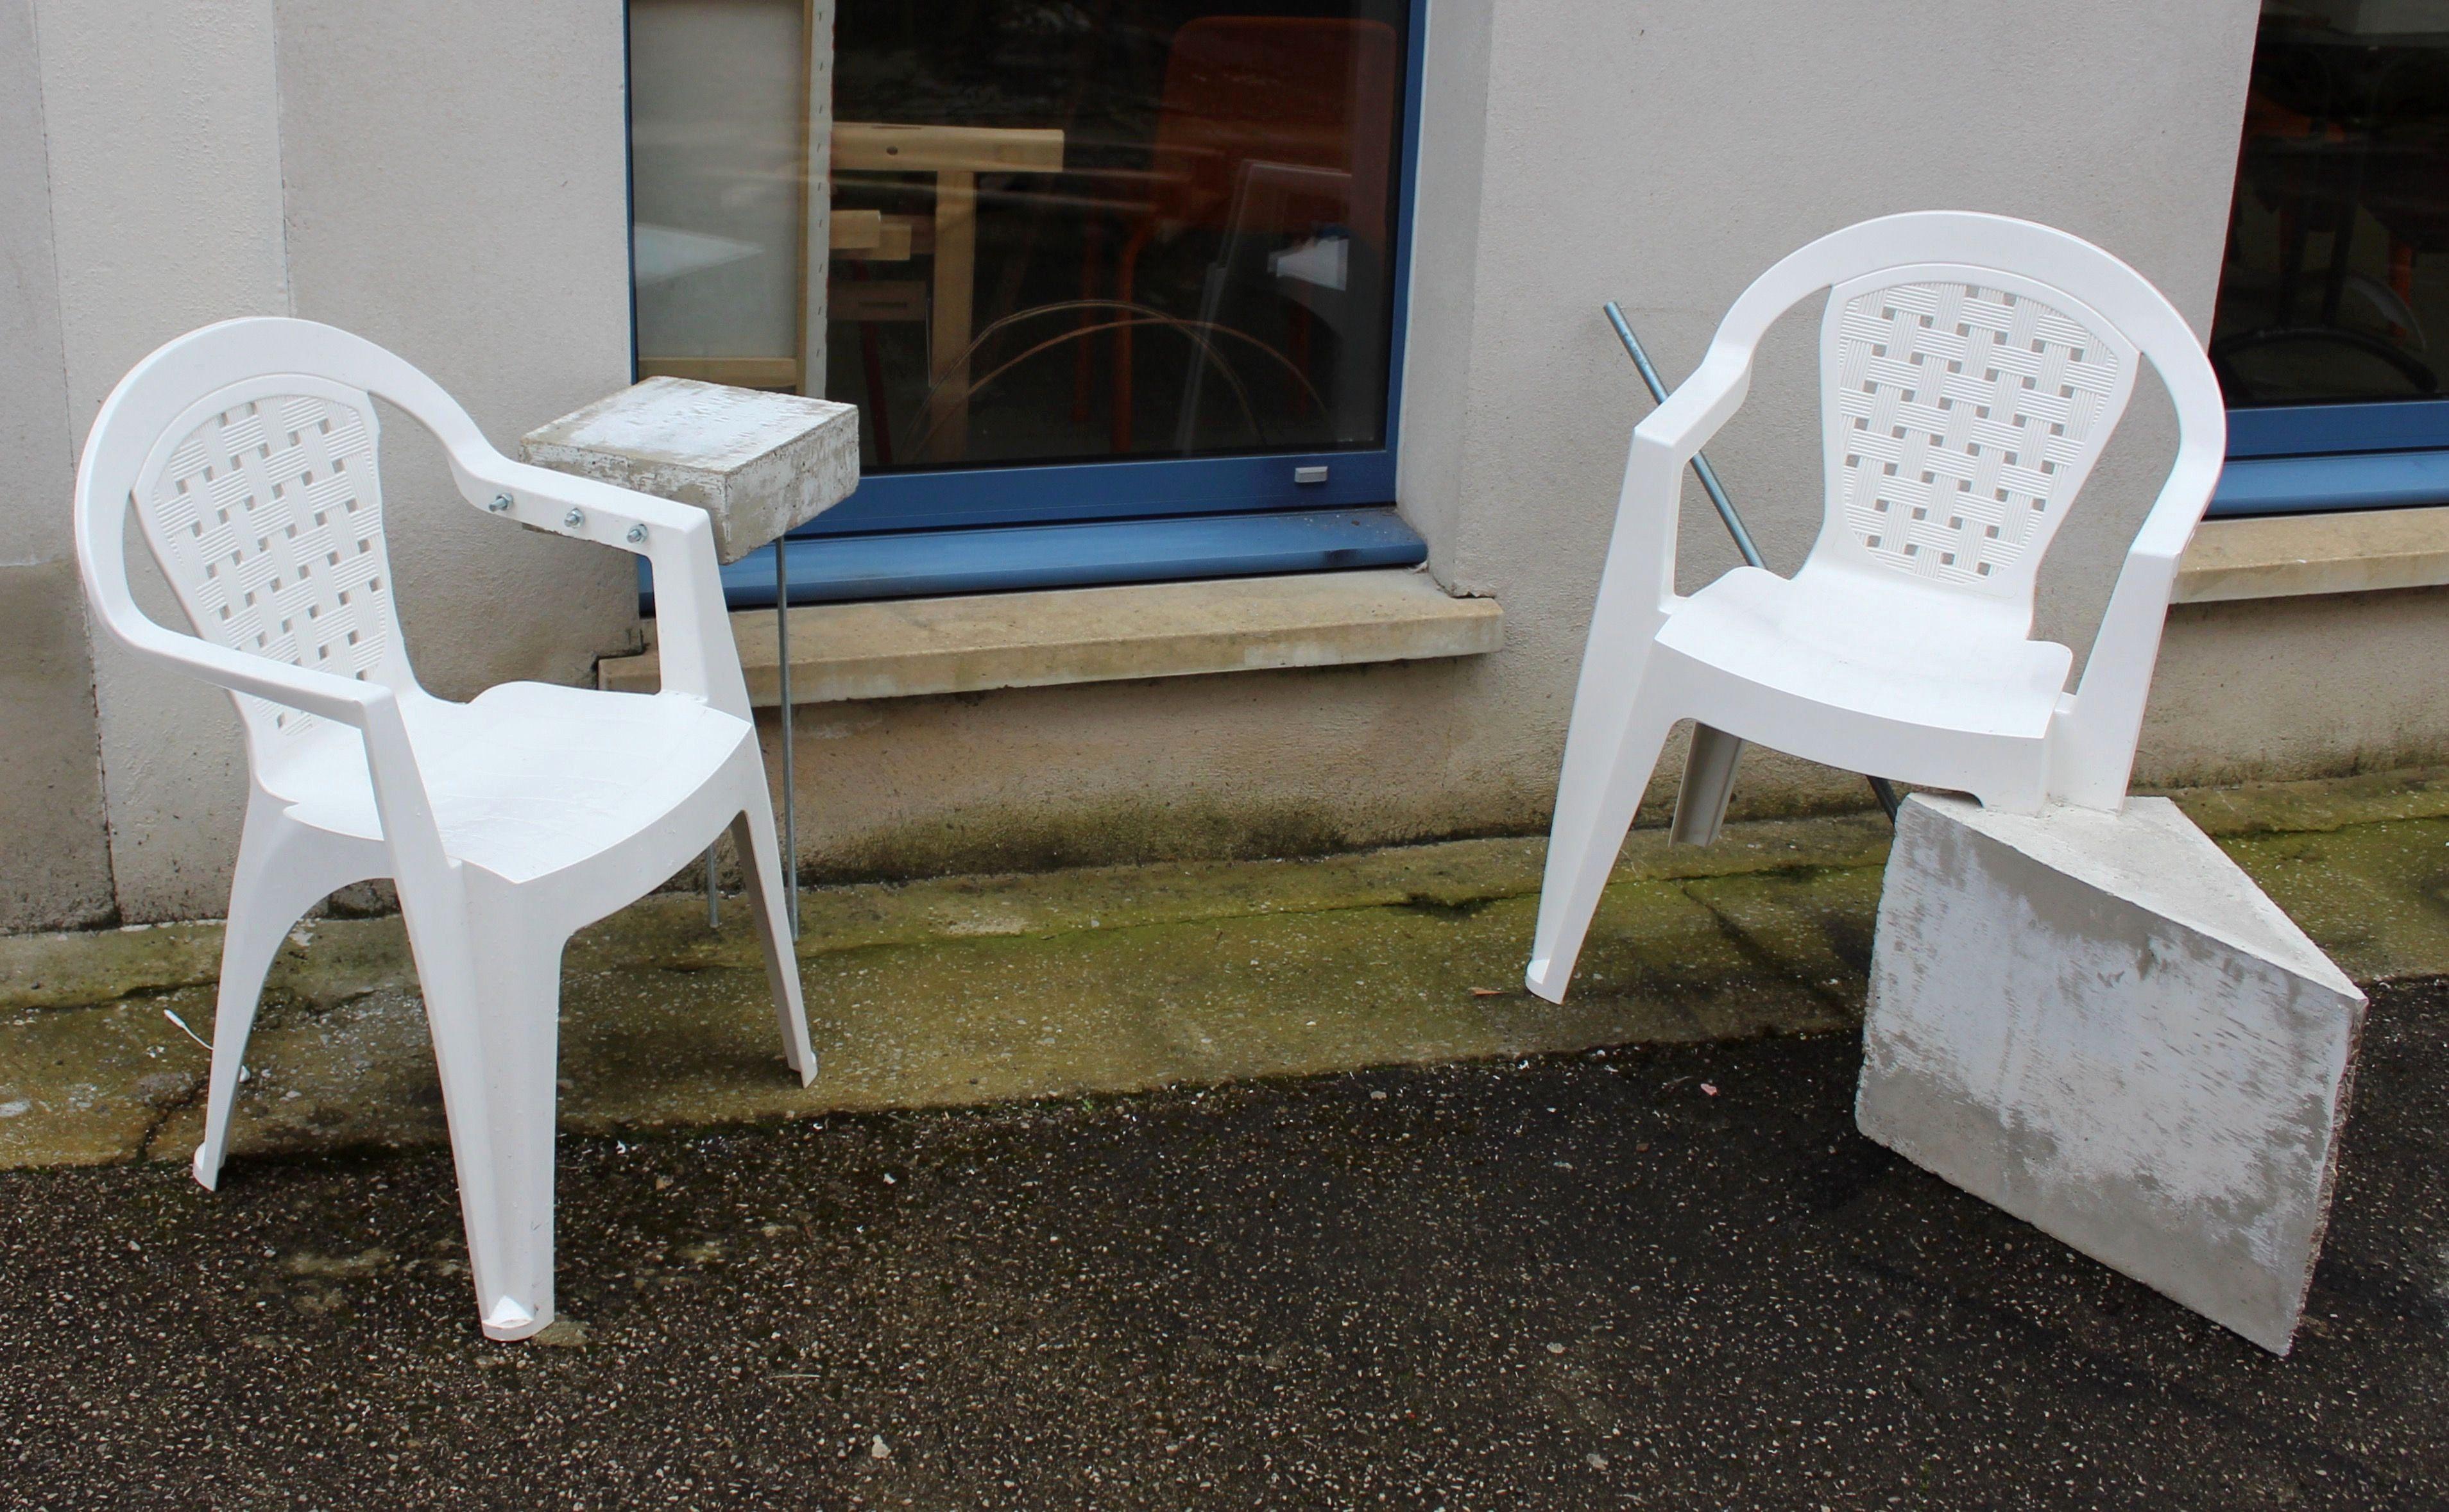 Lit Deux Places Ikea Agréable Fauteuil Design Ikea Délicieuse S Fauteuil Lit 2 Places